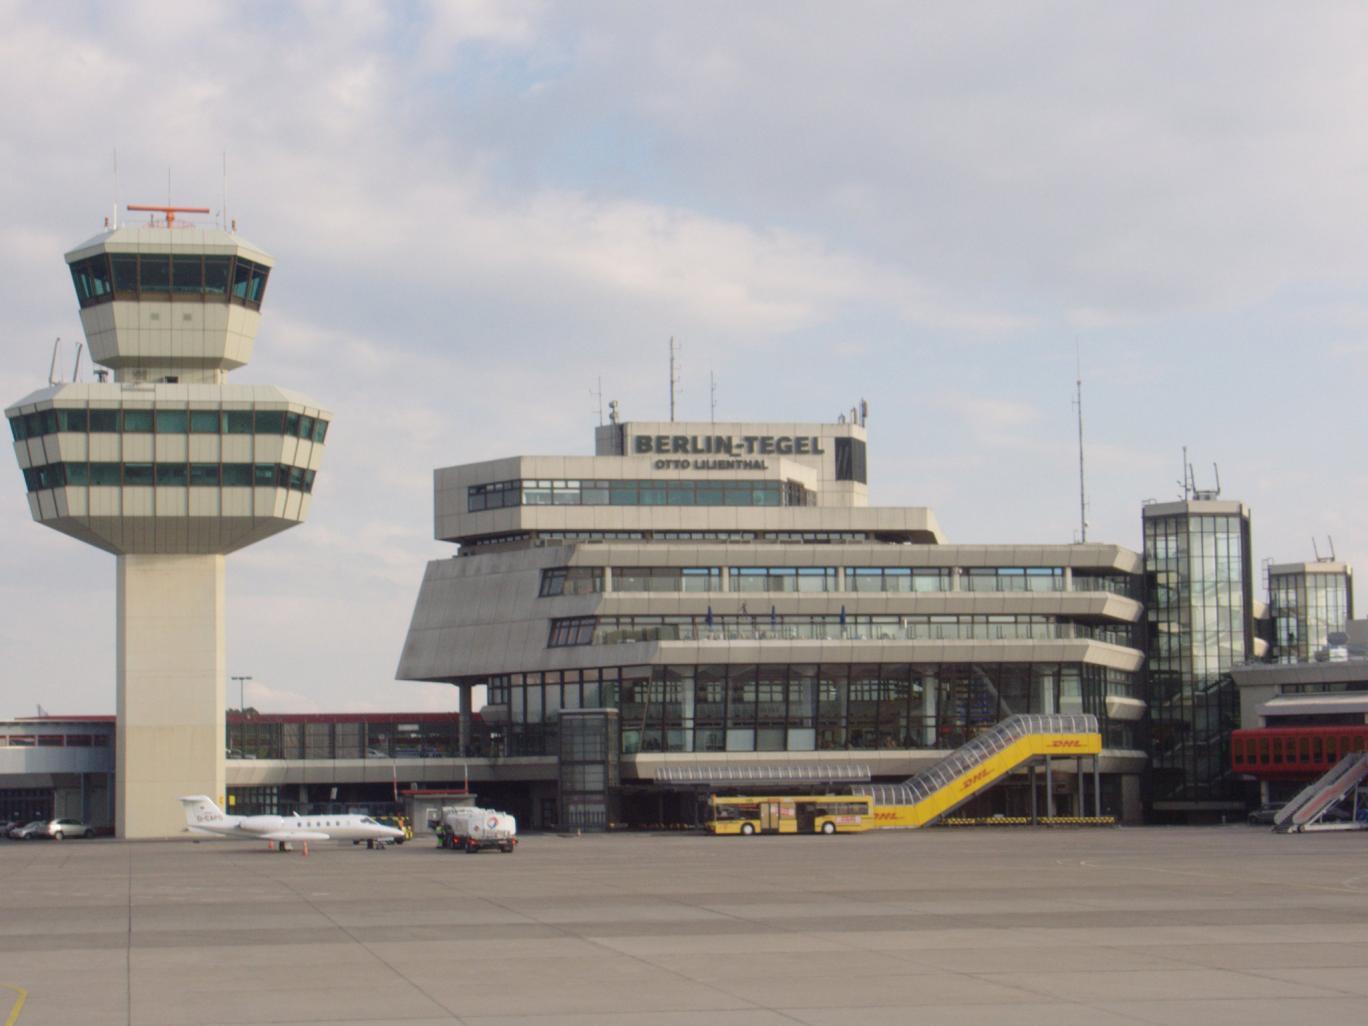 Евакуиран еден терминал и пренасочувани летовите од аеродромот Тегел во Берлин